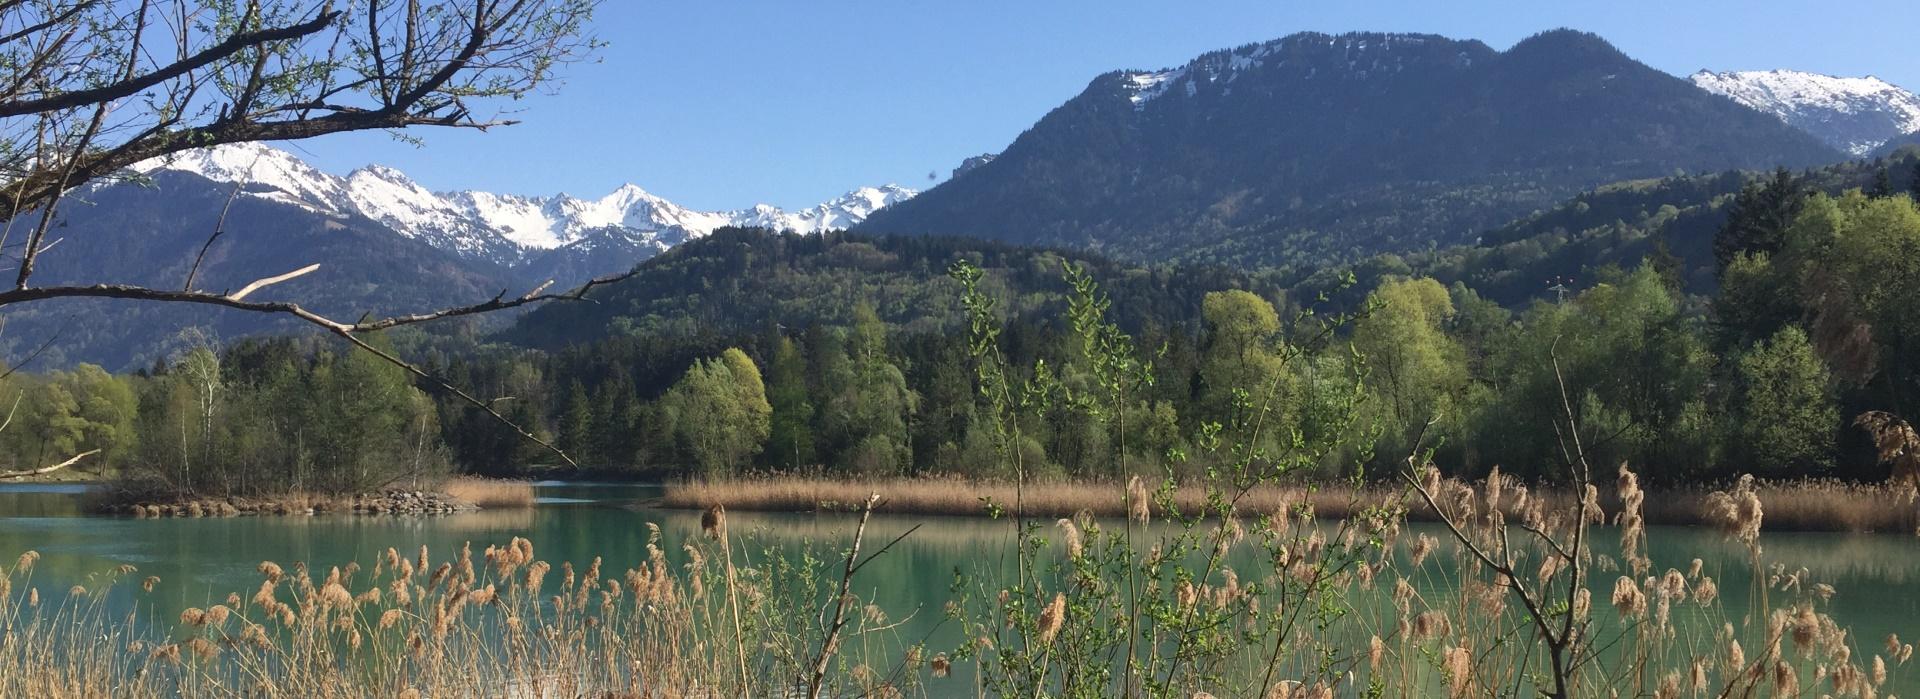 Die Sanierung von sechs Baggerseen im Walgau (Vorarlberg)